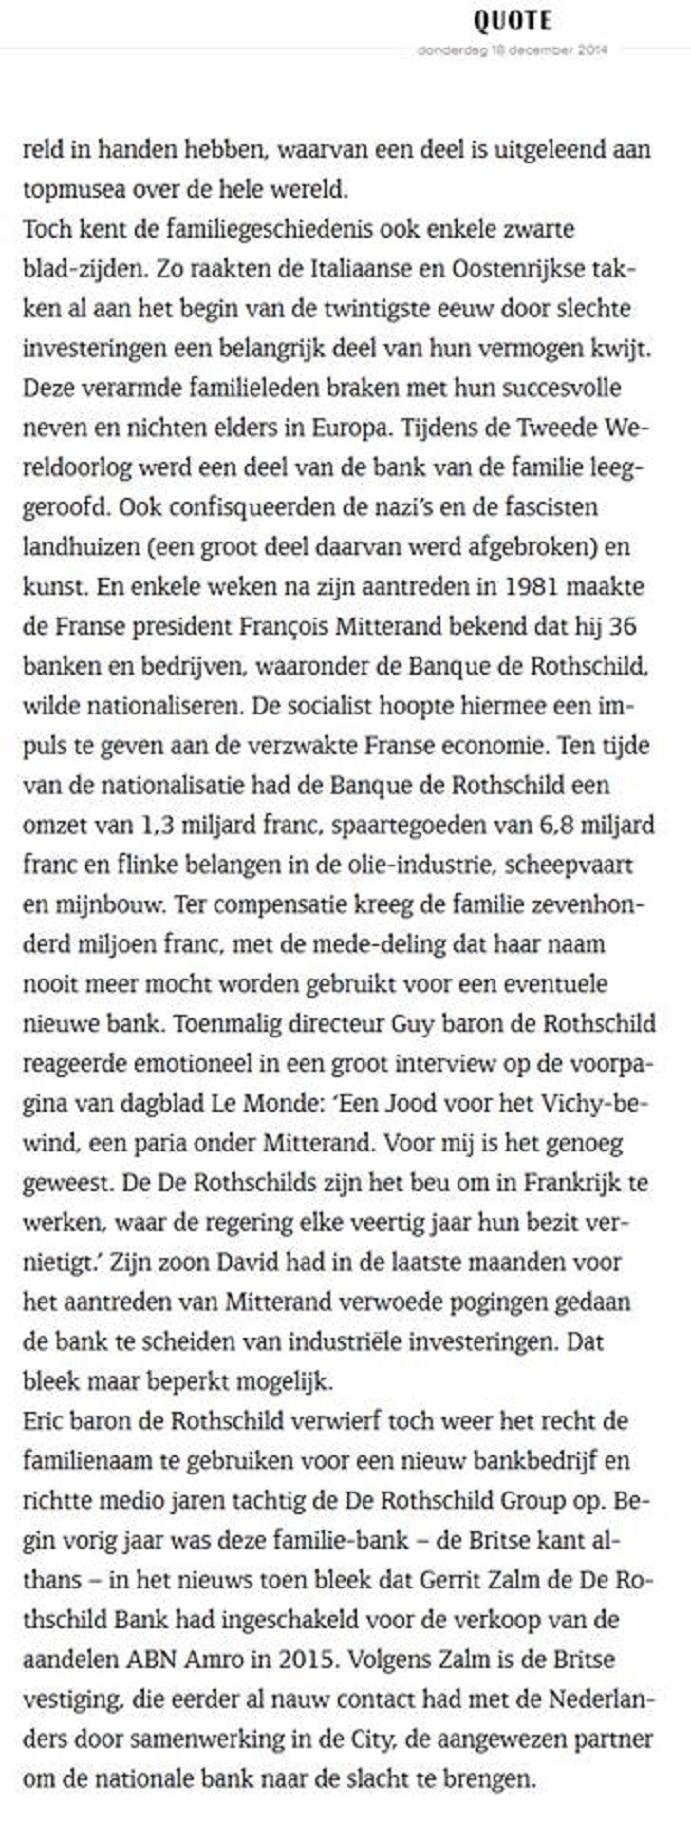 Συνέντευξις ἑνὸς Rothschild!!!5